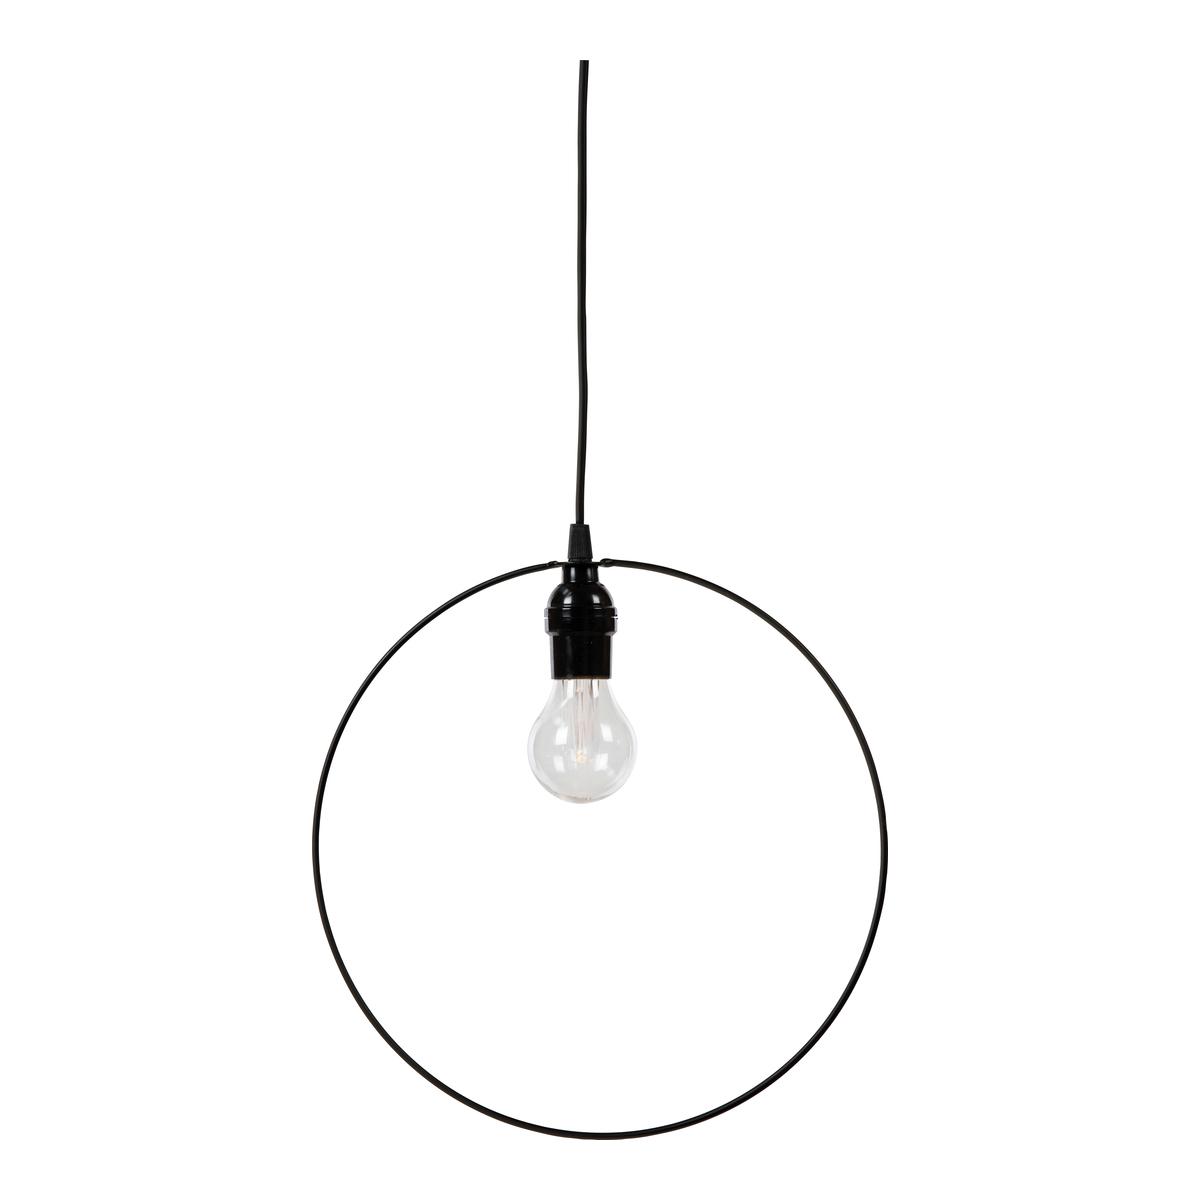 Batterilampe m/ oppheng